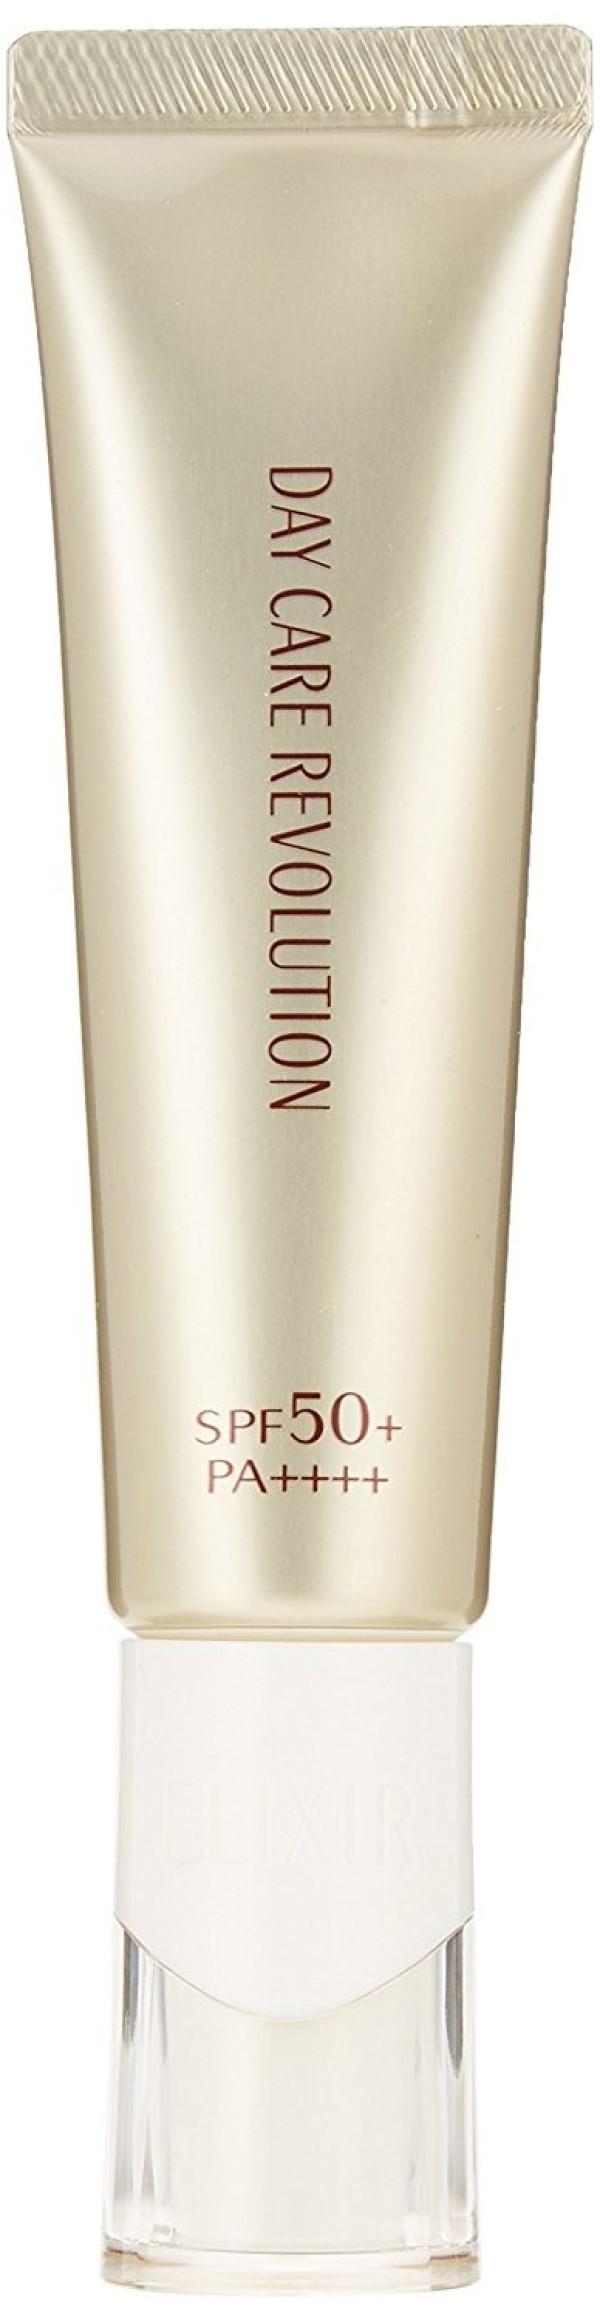 Основа под макияж с УФ-защитой SHISEIDO Day Care Revolution W+Ⅱ (SPF50)